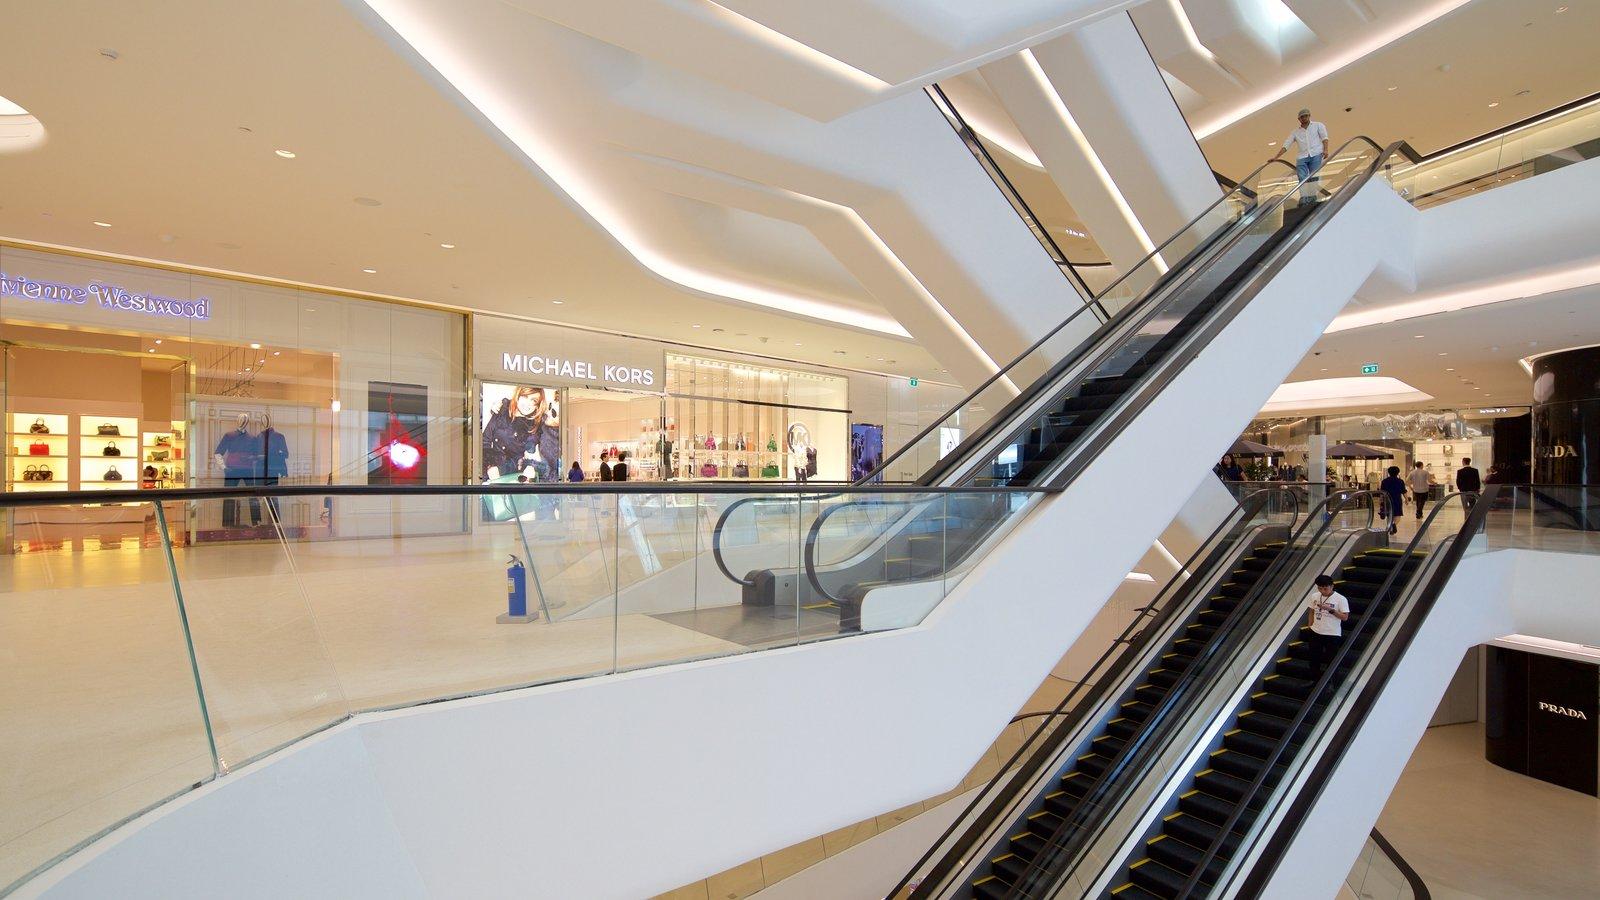 Sukhumvit featuring modern architecture and interior views